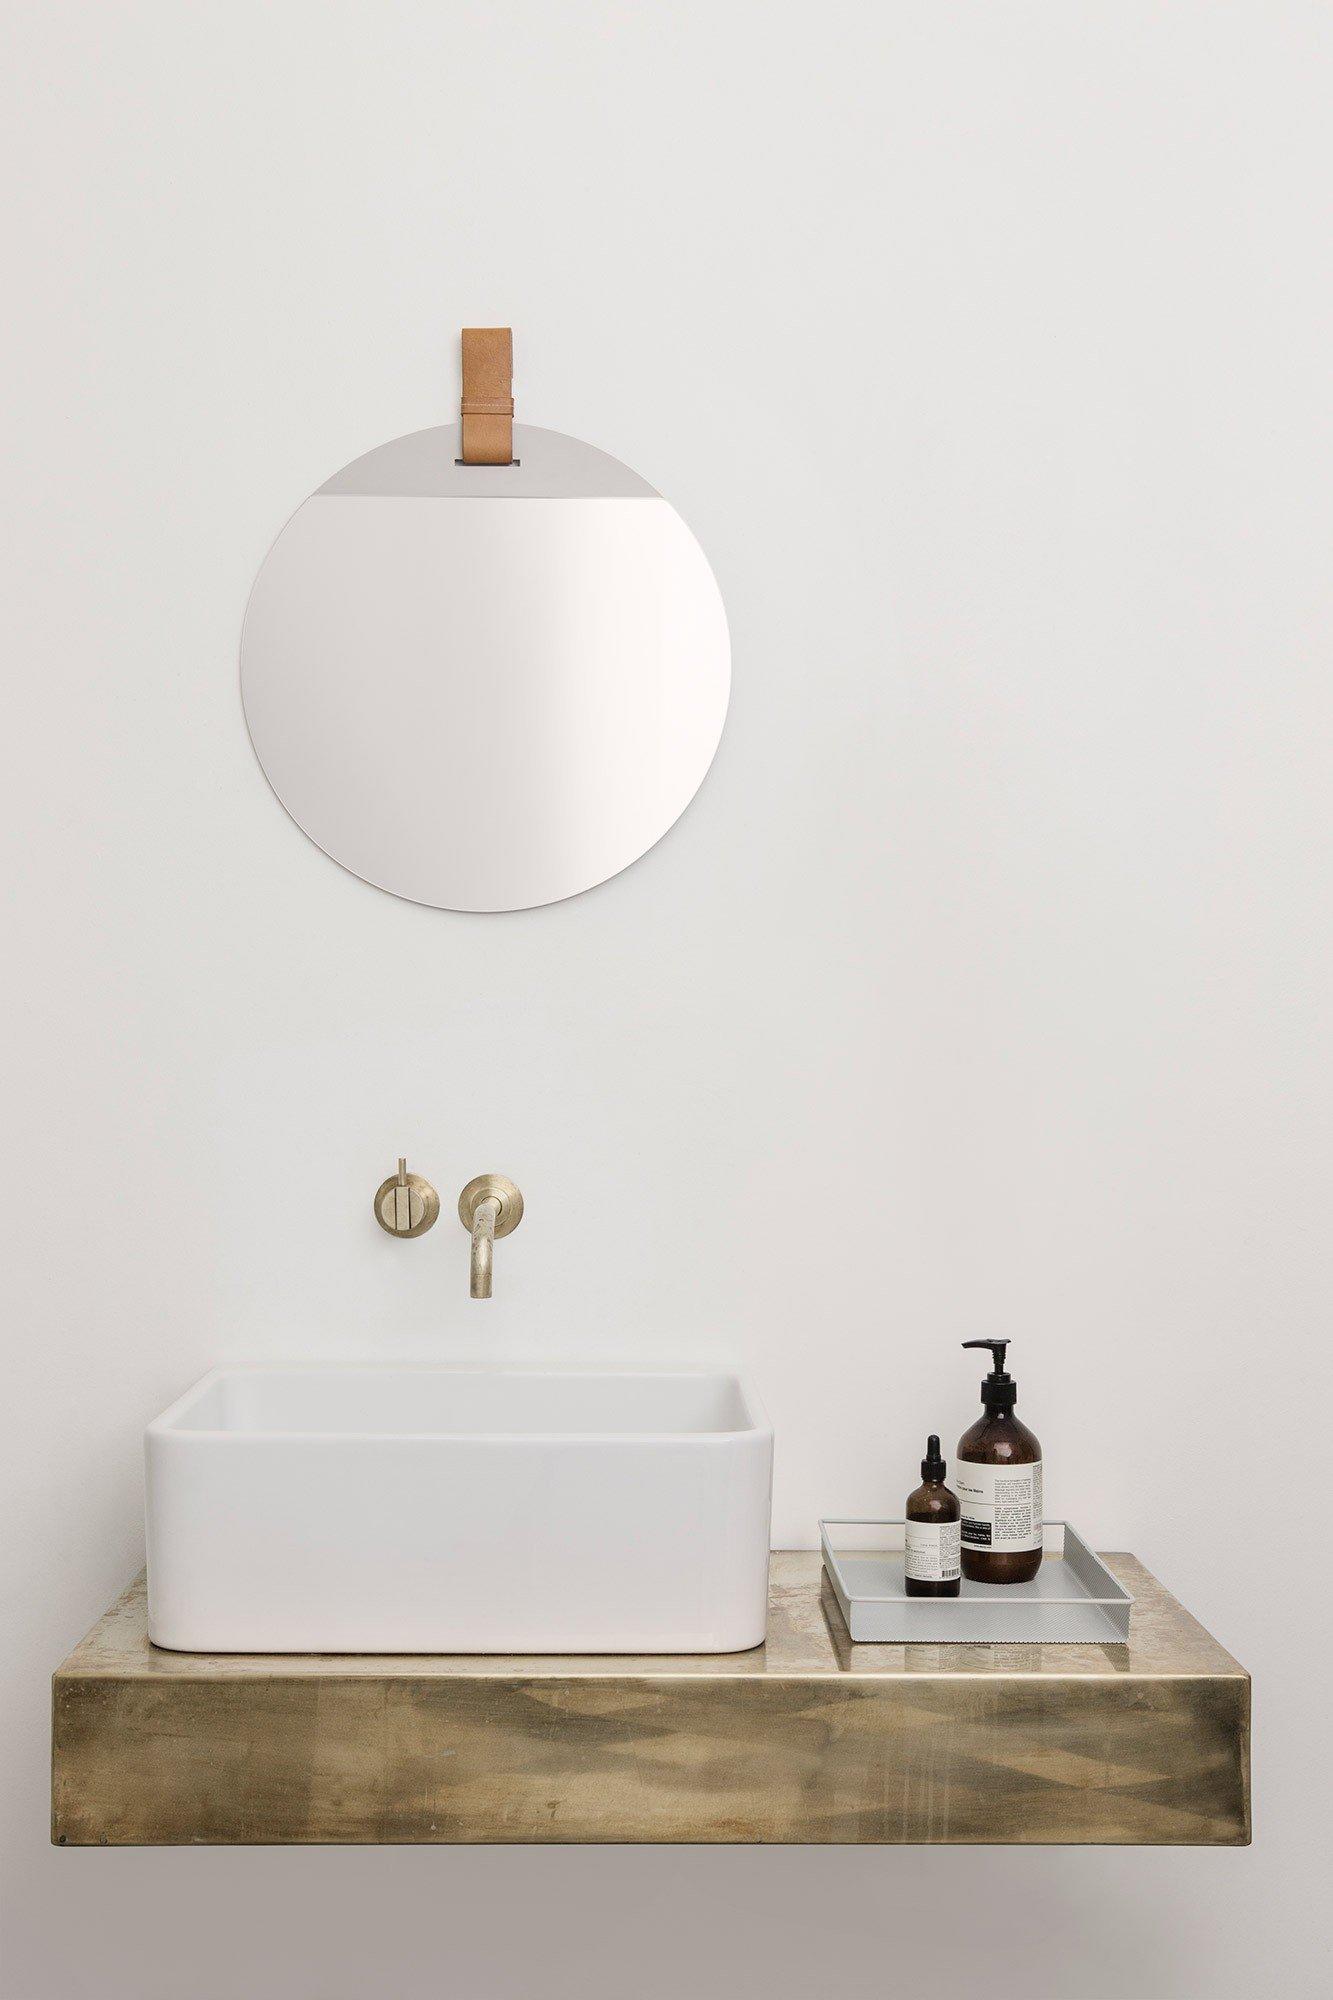 viseci umivaonik